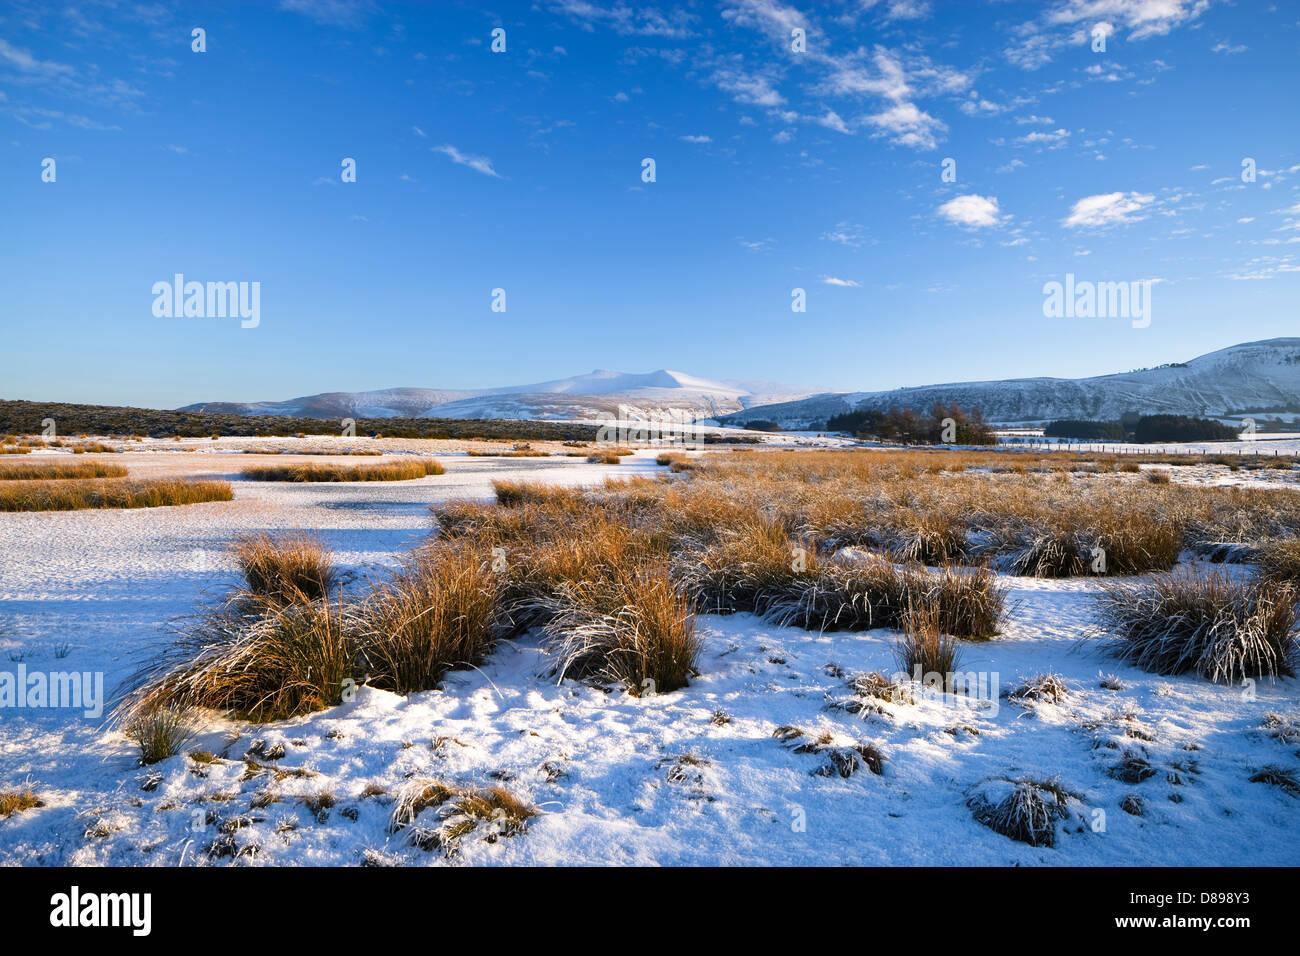 Pen y Fan & Corn Du mountains Mynydd Illtyd Common Brecon Beacons Powys Wales in winter - Stock Image